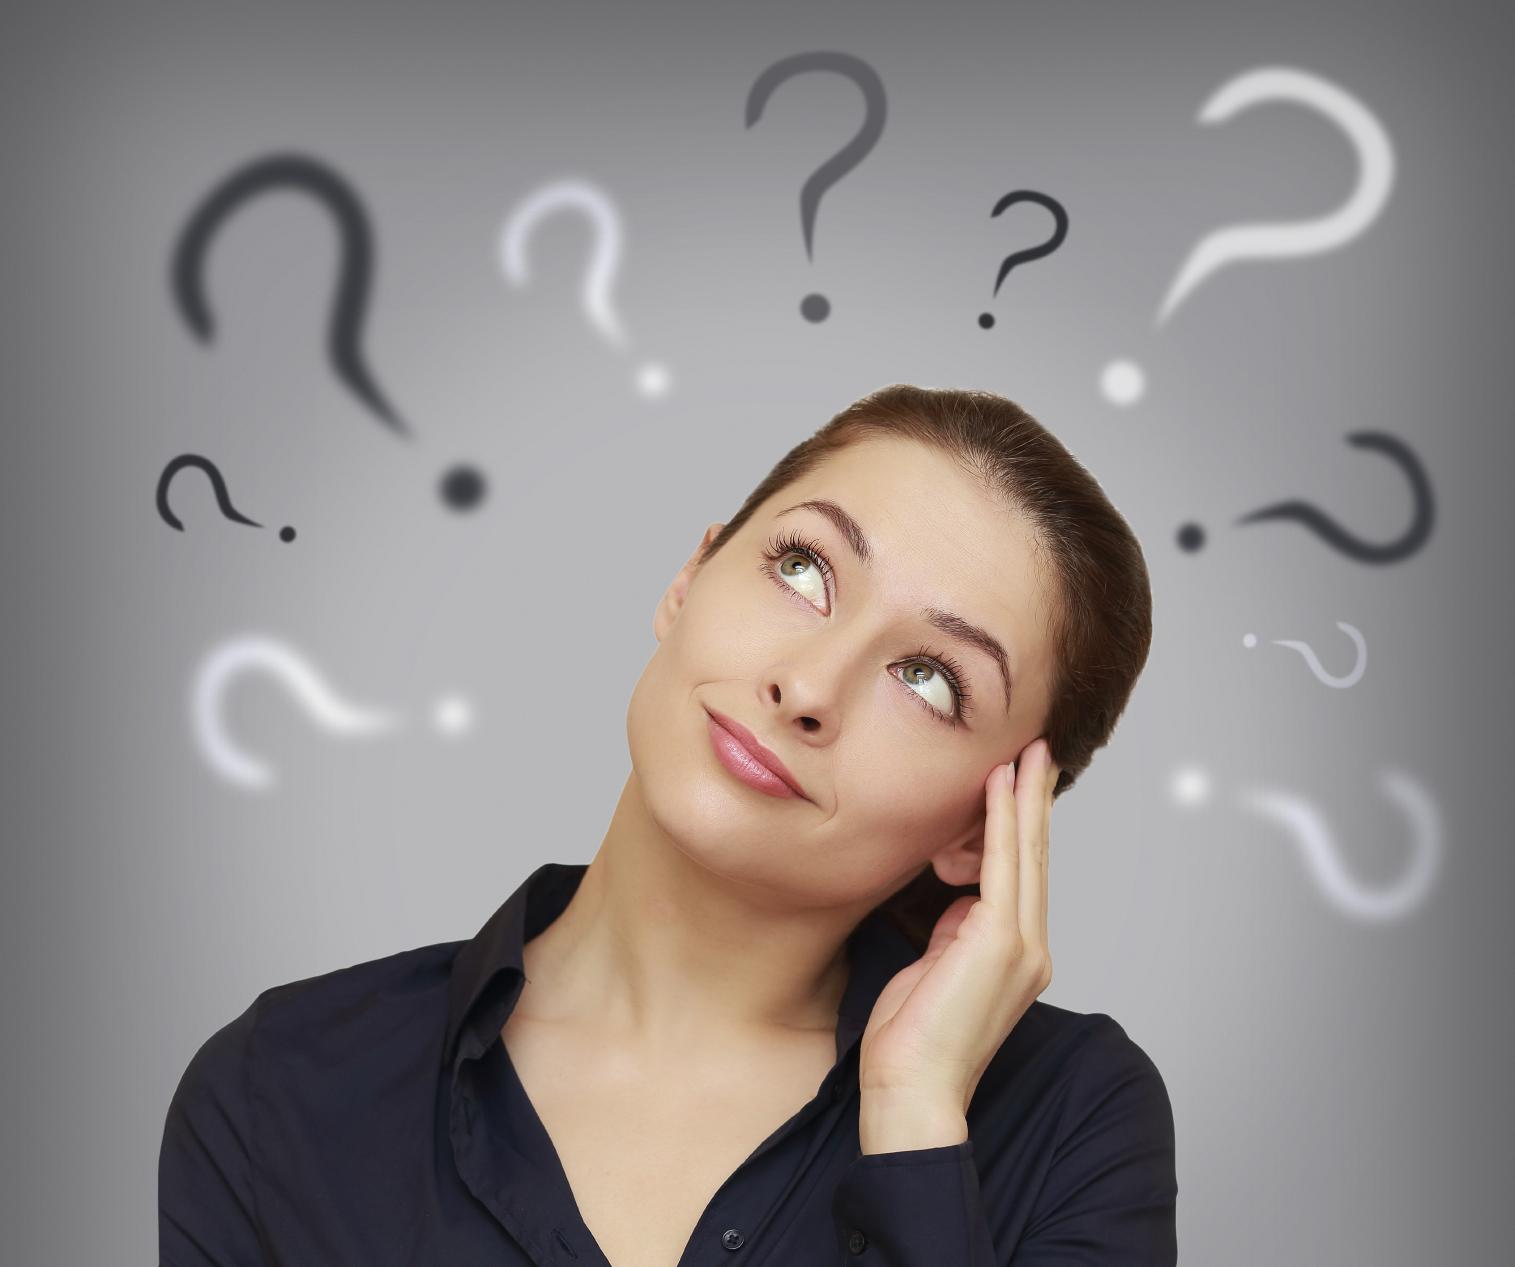 ماذا يقهر النساء وبعض التصرفات التي يشعل بها الرجل غضب المرأة دون أن يقصد زيادة